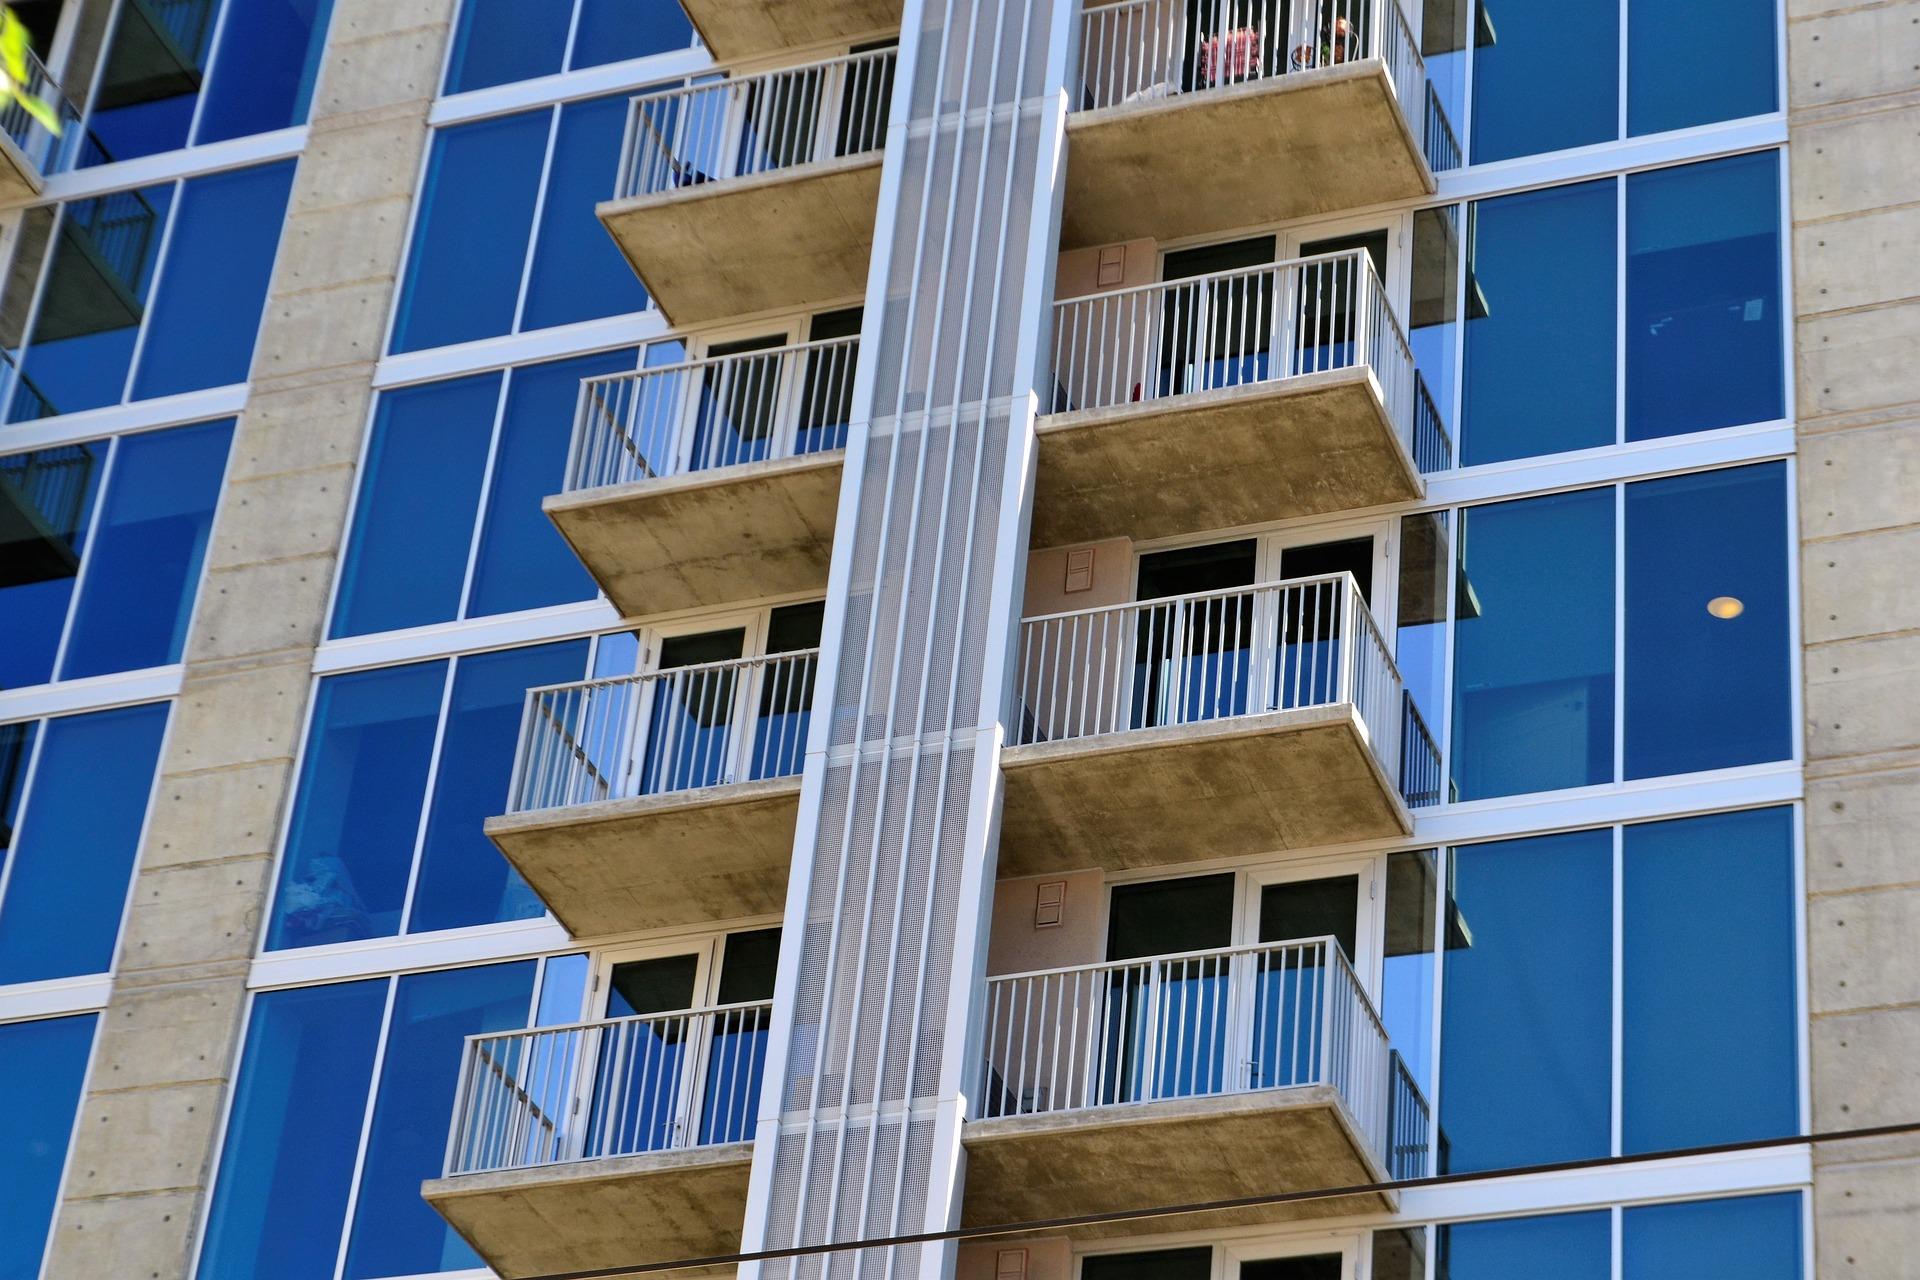 hotel-exterior-2862818_1920